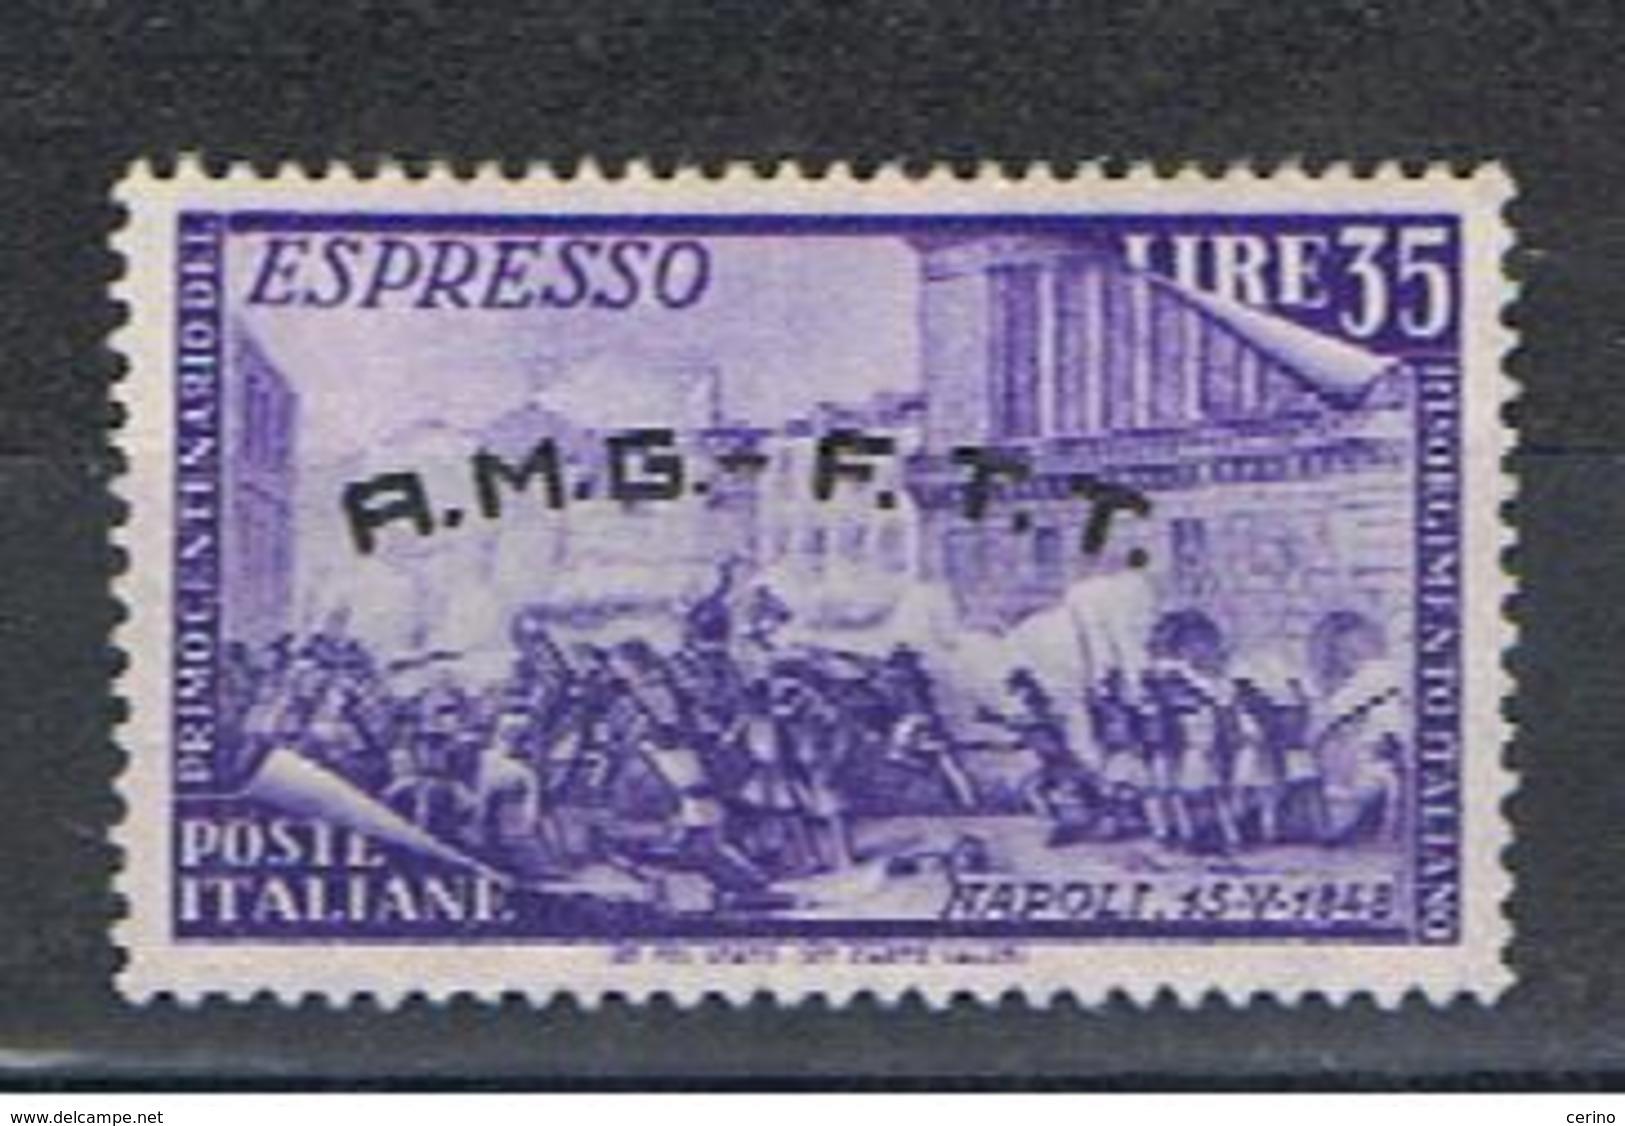 TRIESTE  A:  1948  ESPRESSO  RISORGIMENTO  -  £. 35  VIOLETTO  N. -  SASS. E 5 - Eilsendung (Eilpost)